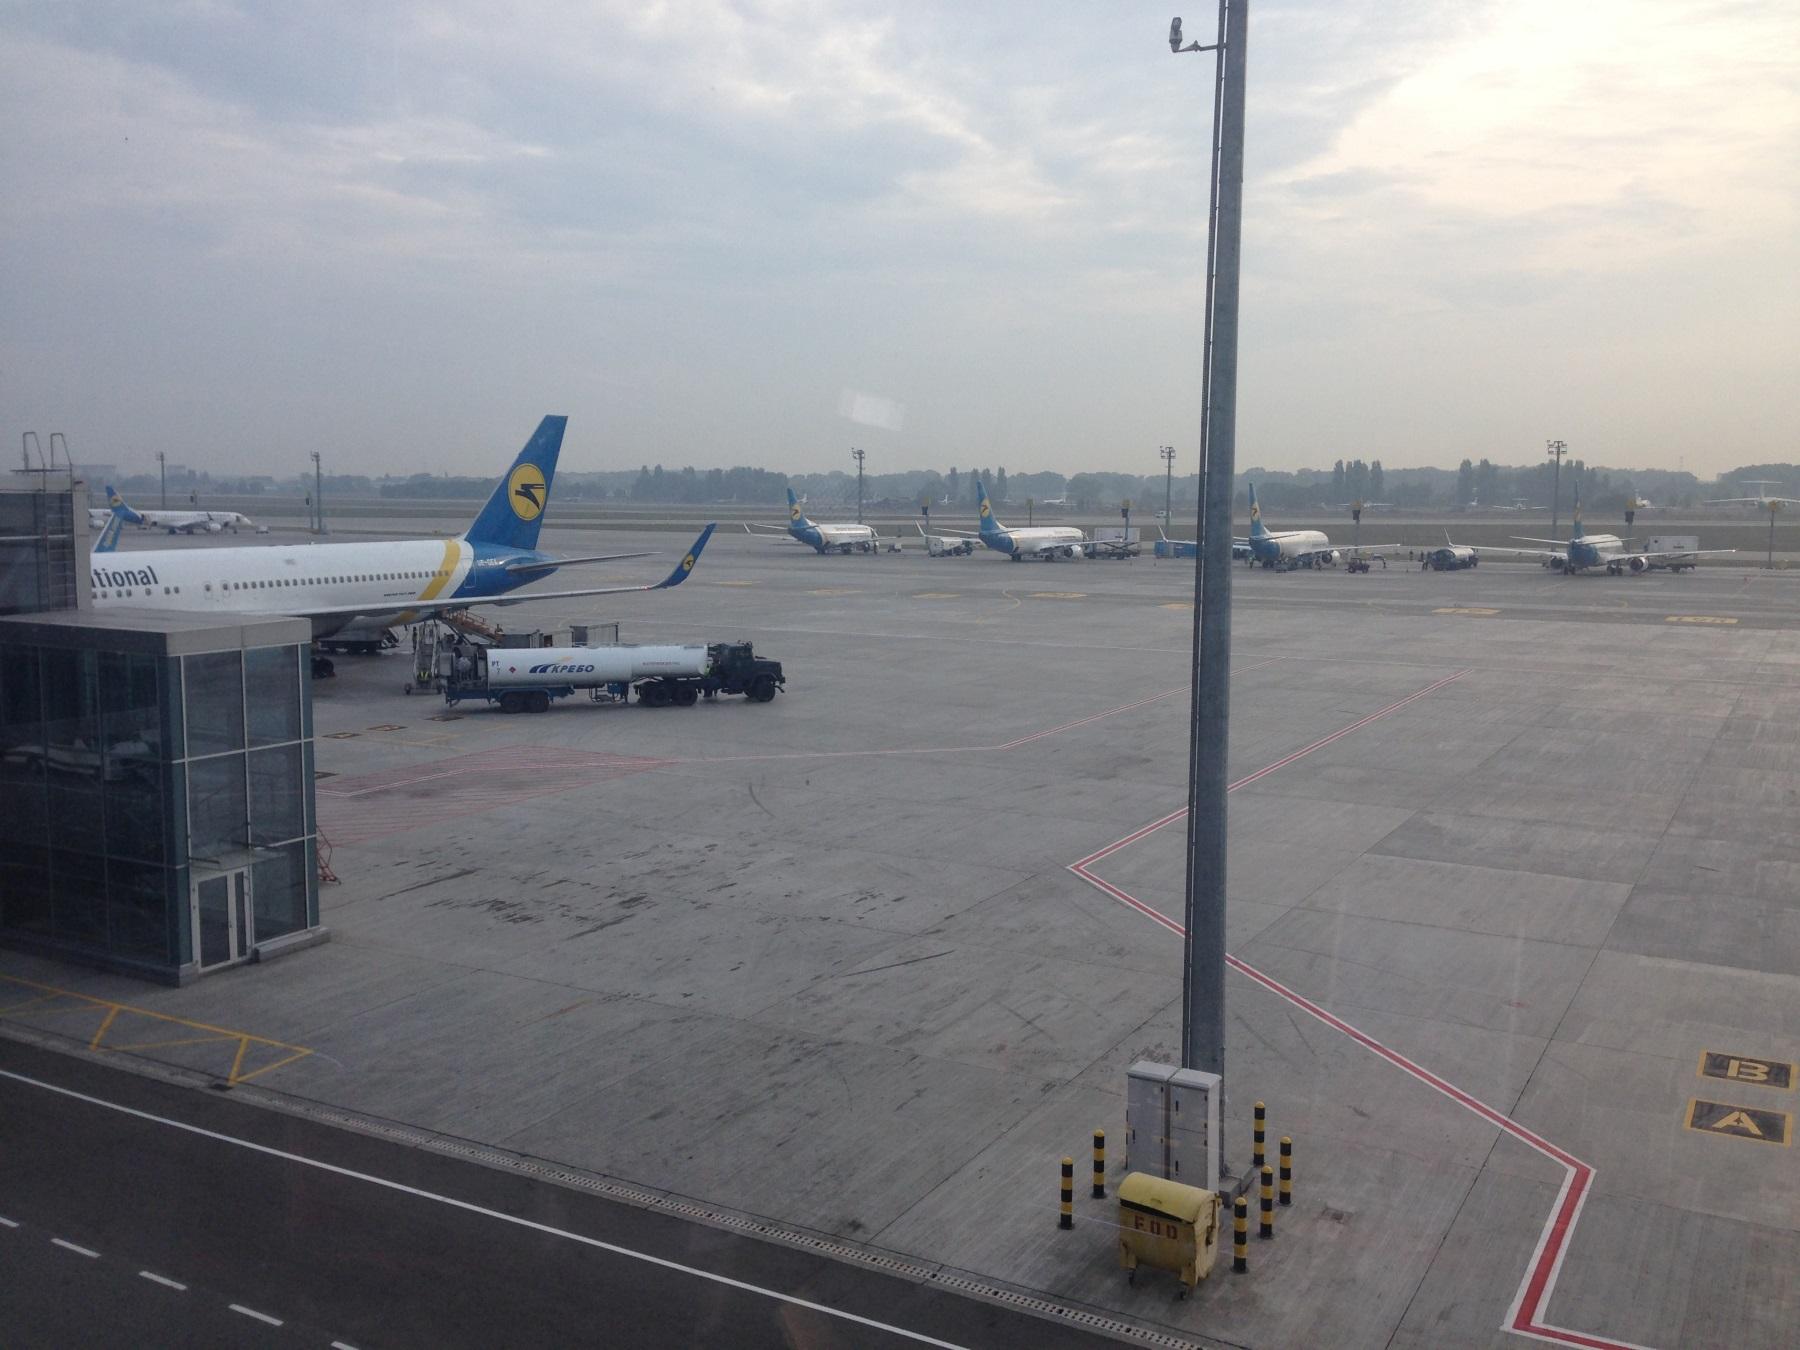 В аэропорту Борисполь произошло ЧП с самолетом МАУ